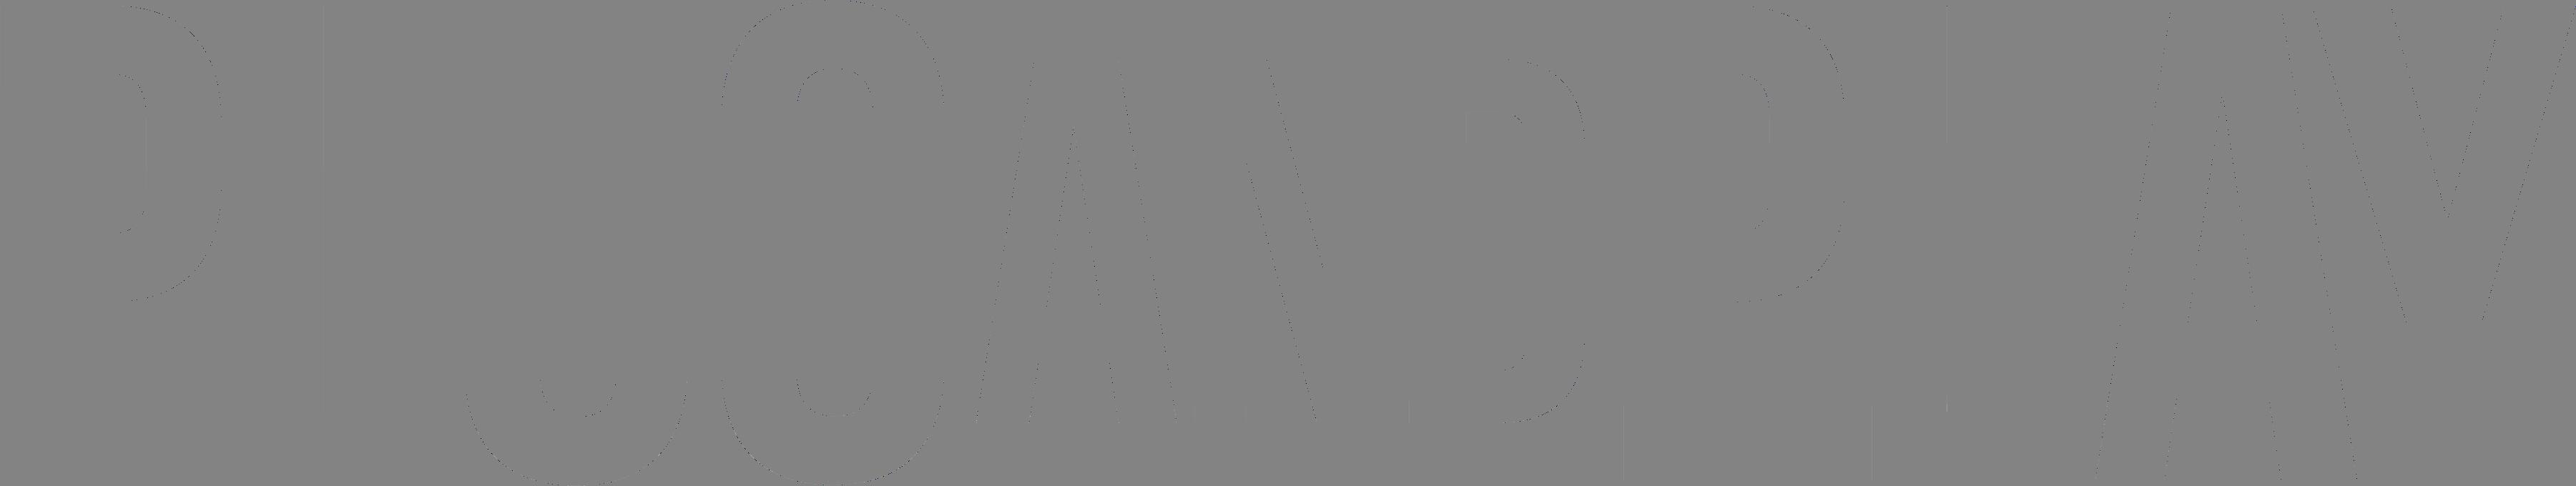 Logo plug and play